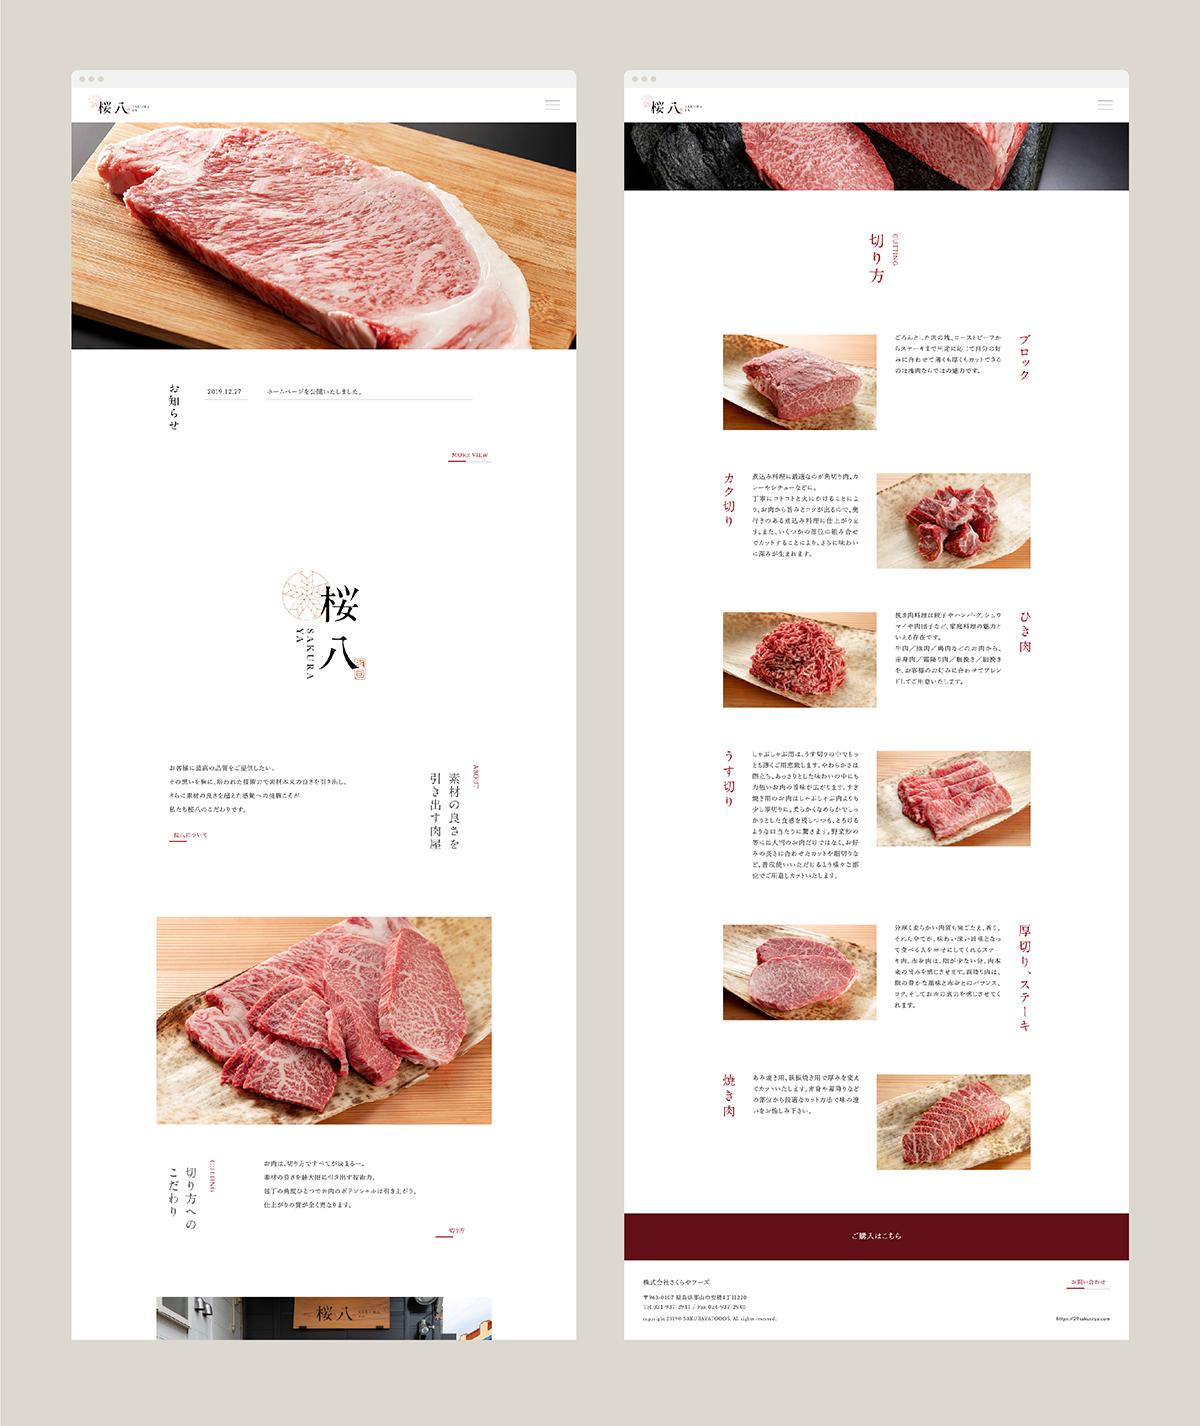 桜八様Webデザイン制作事例-PCview